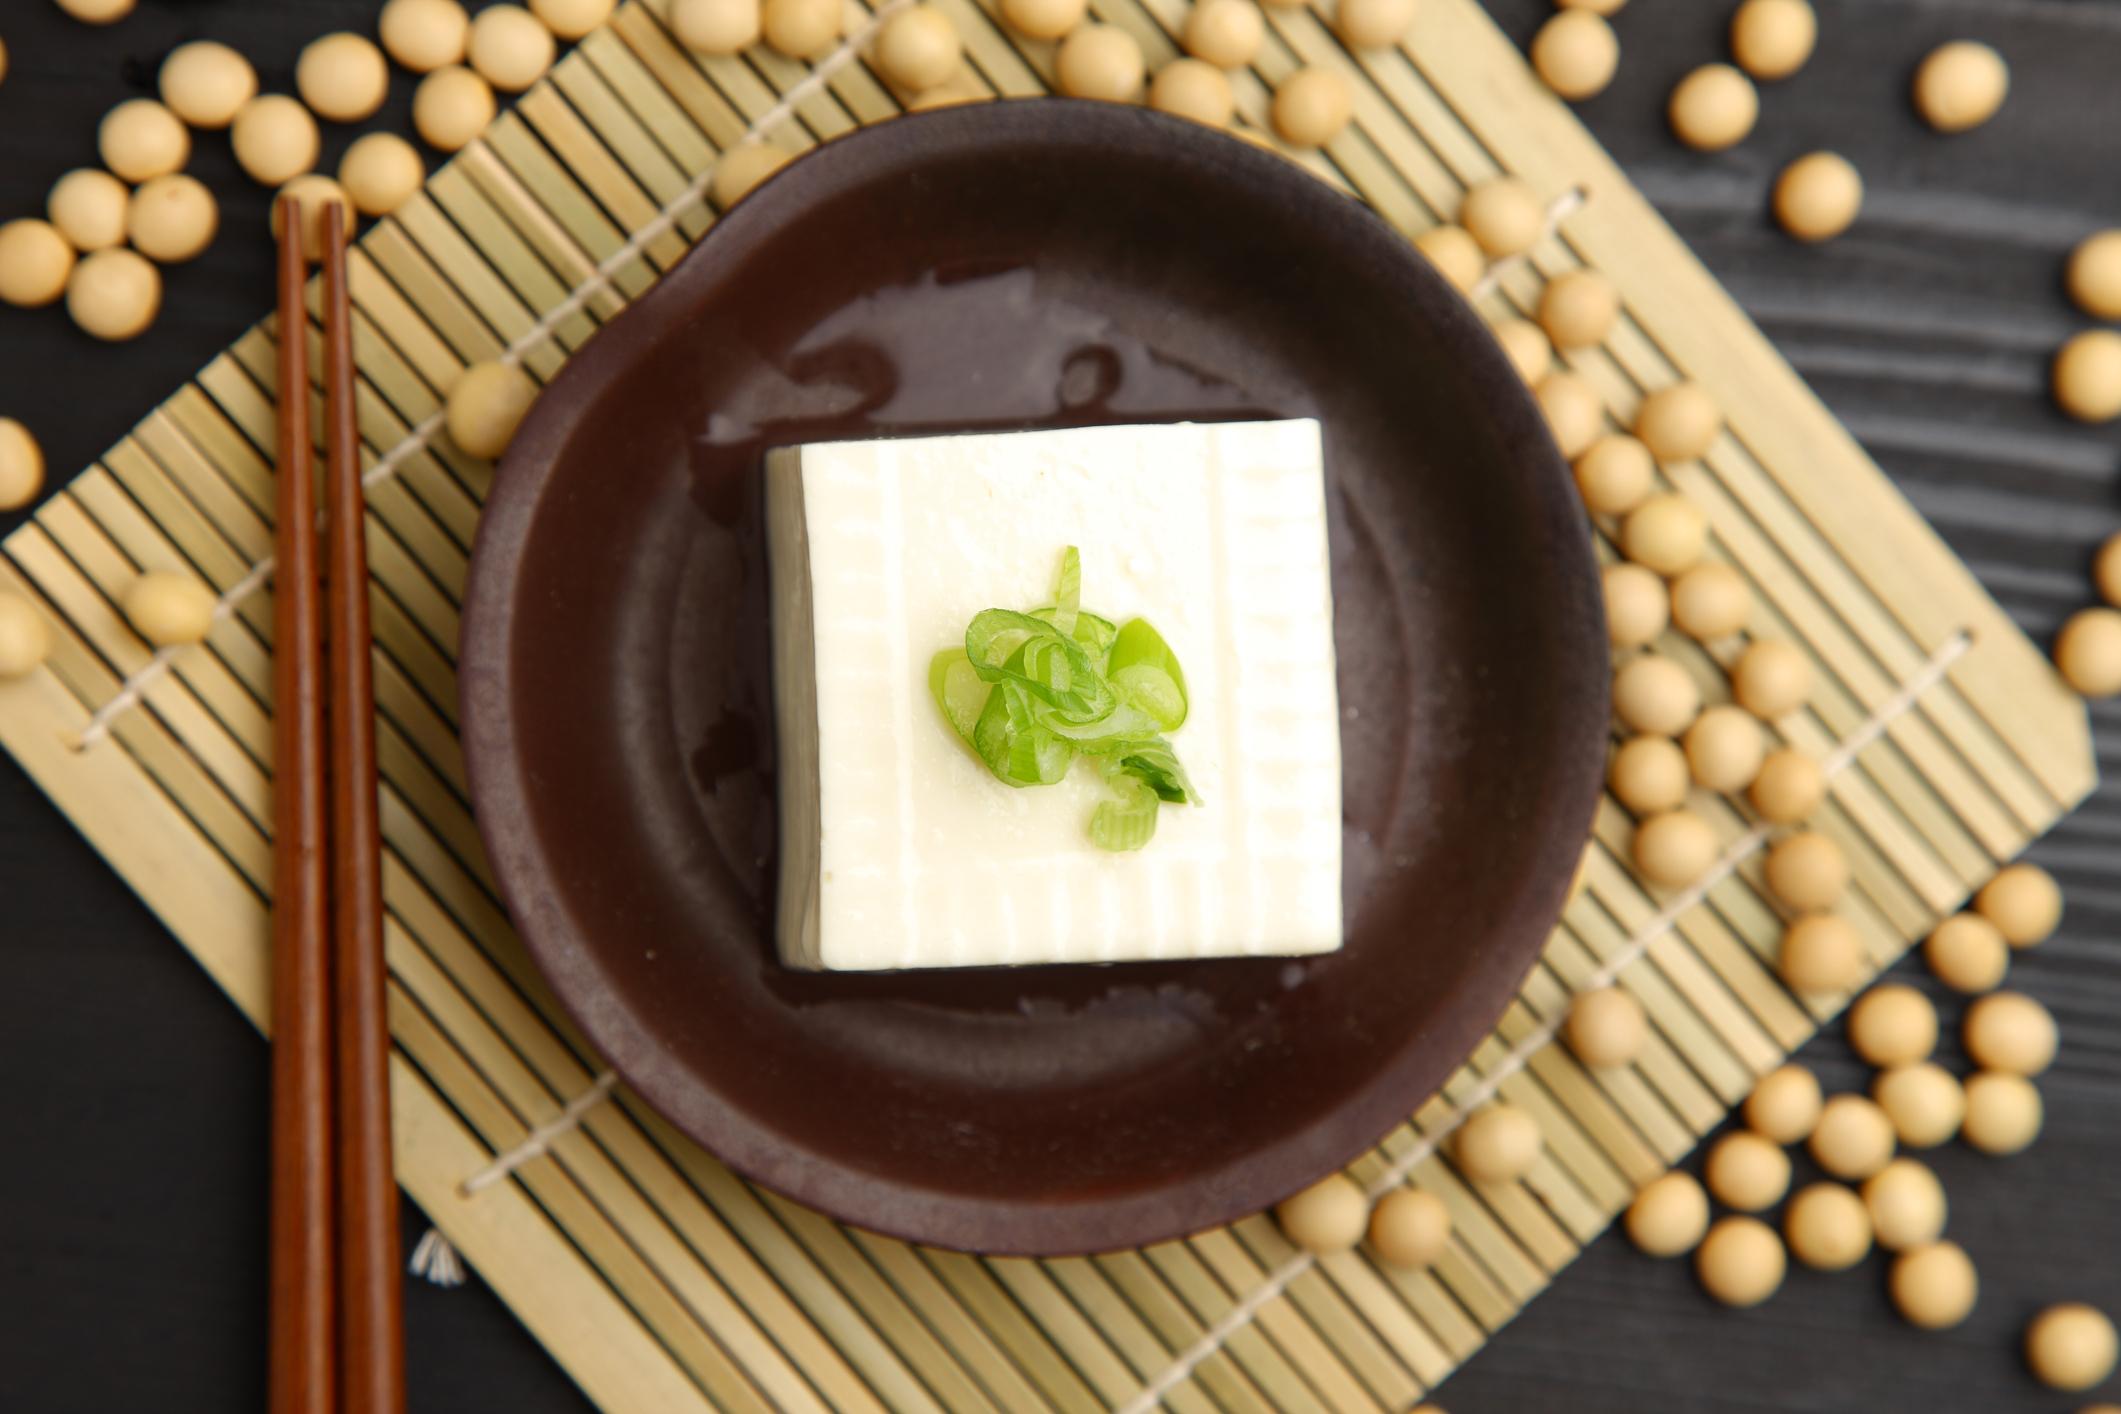 Tofu on a plate